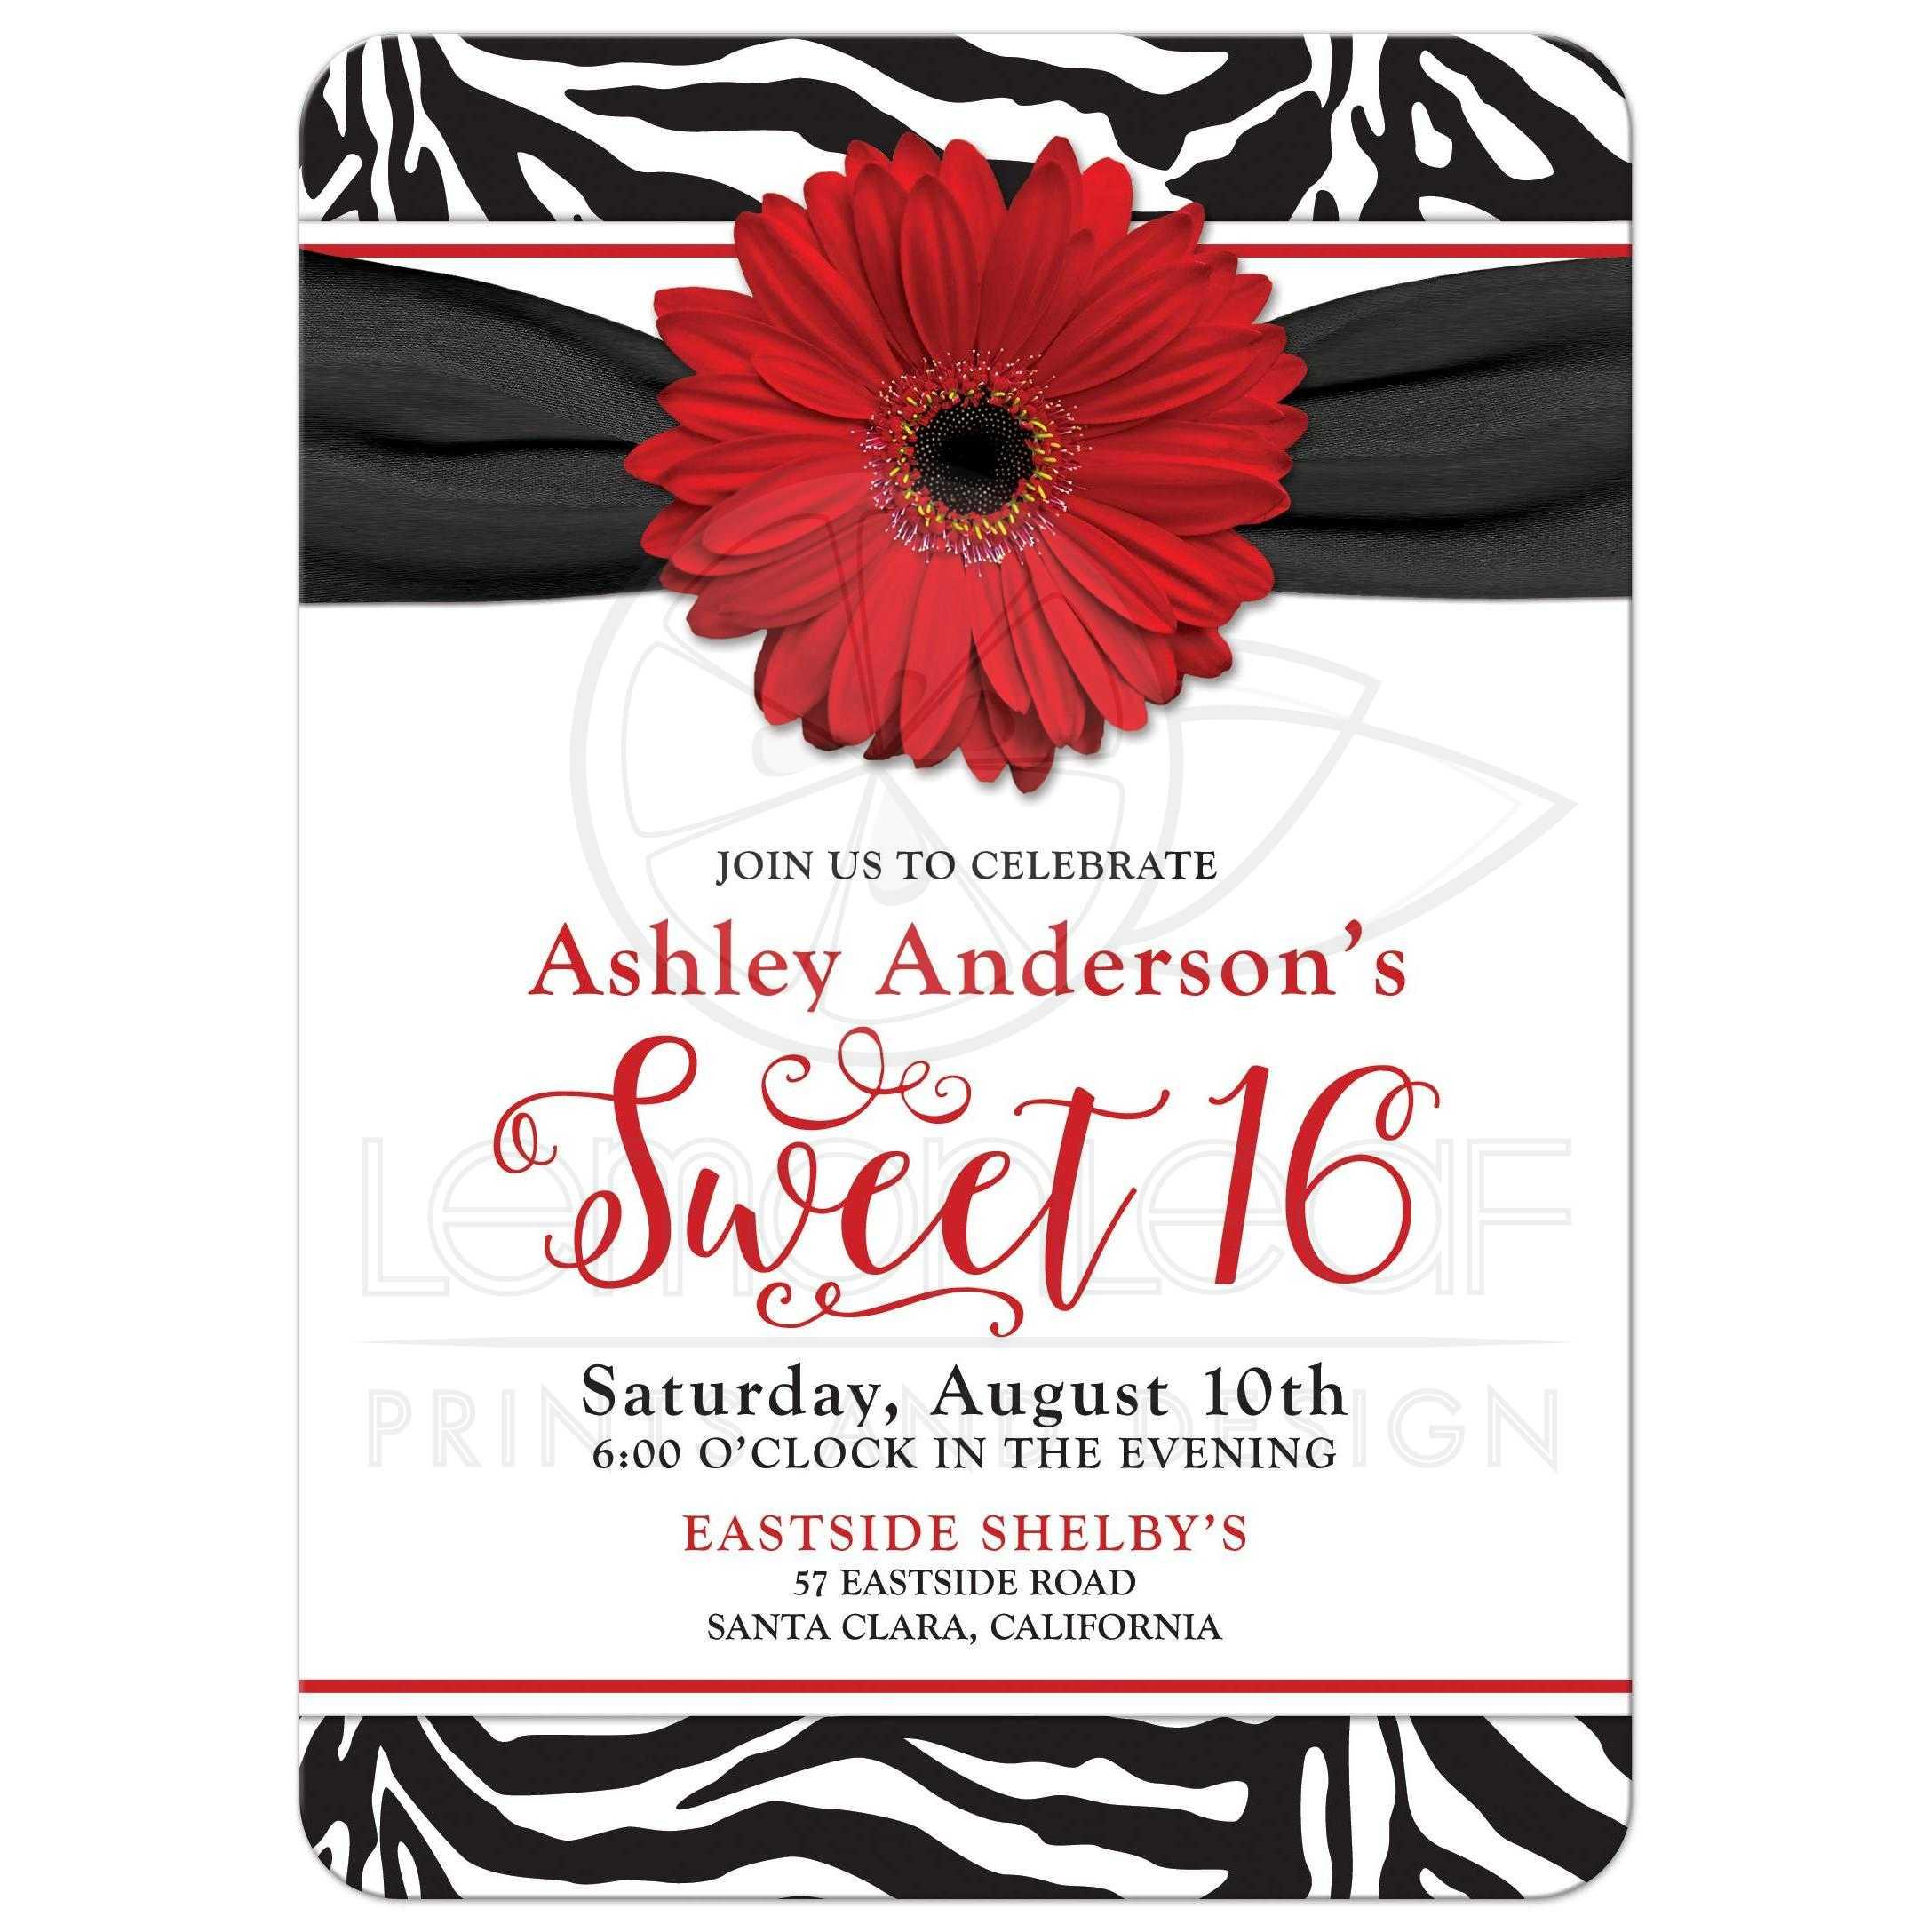 sweet 16 birthday invitation | chic black white zebra print red daisy, Birthday invitations